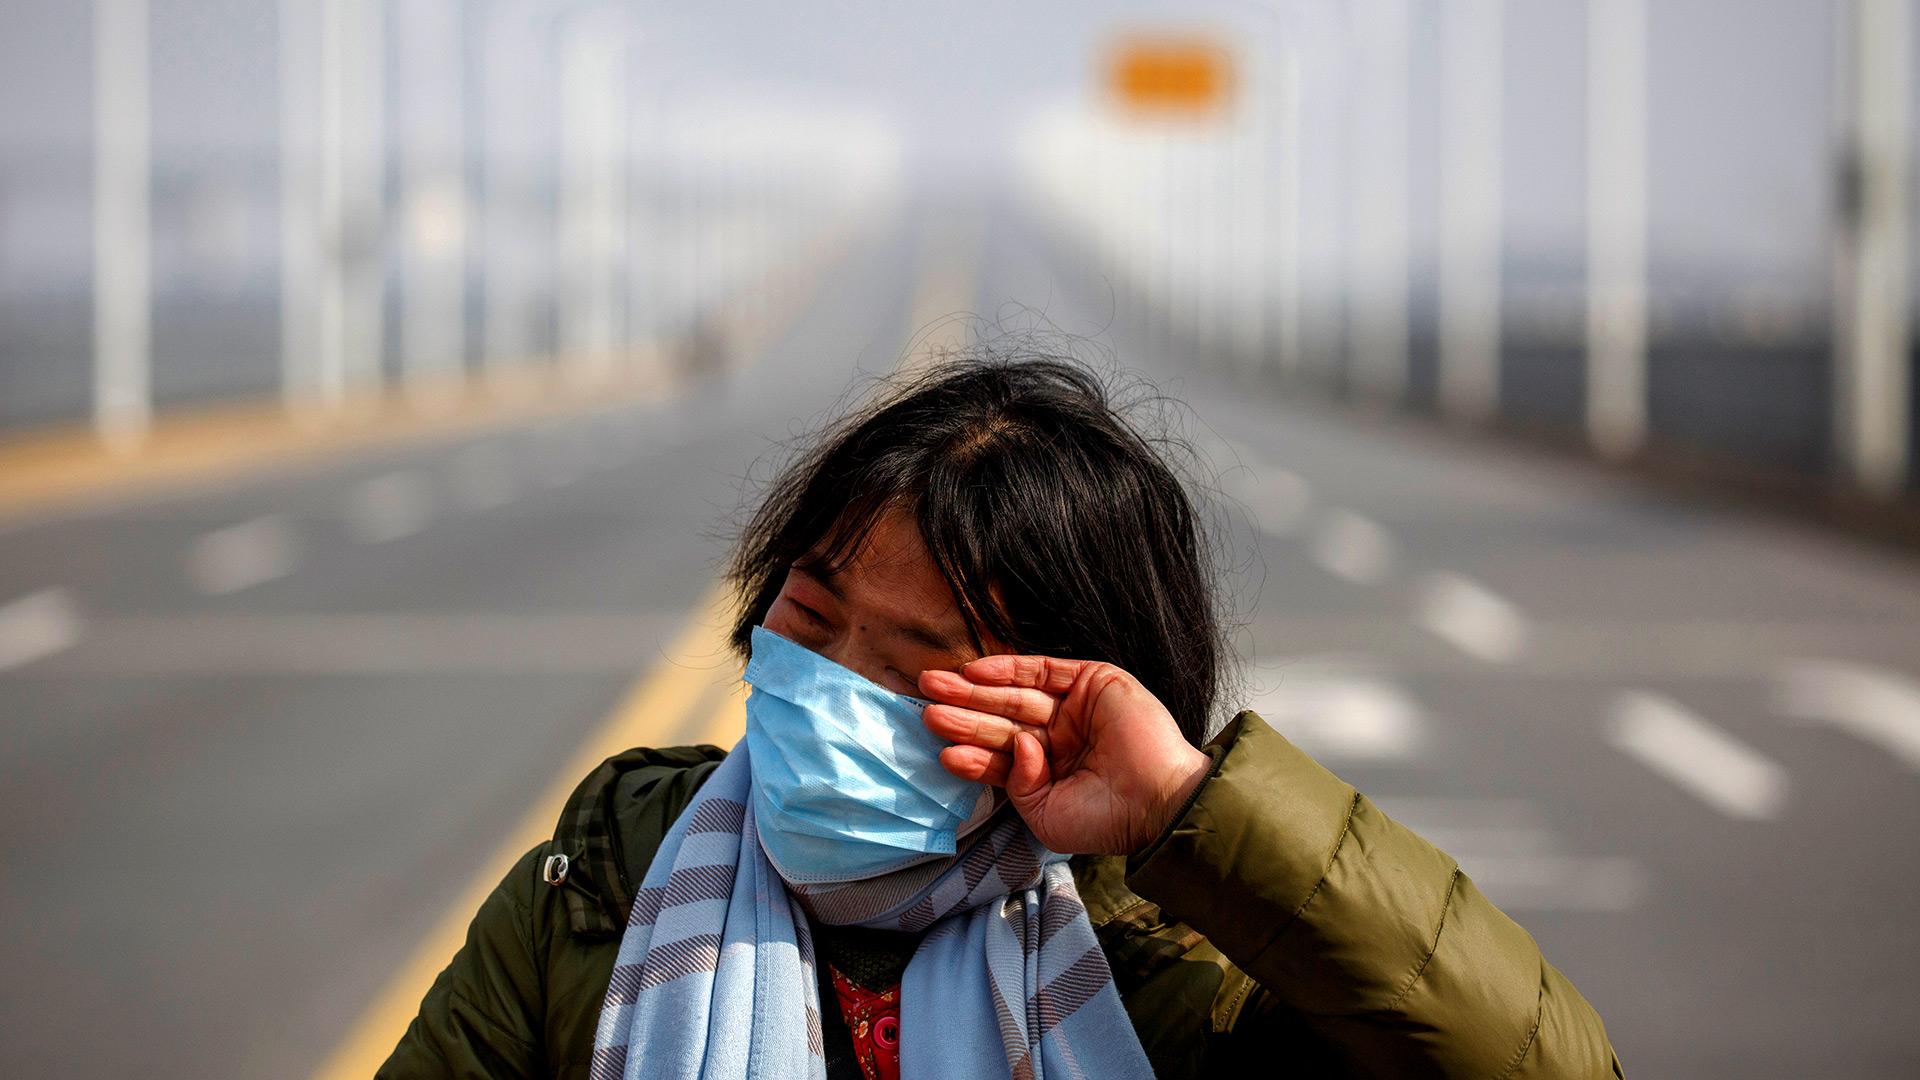 Una madre reacciona cuando le ruega a la policía que permita que su hija pase un punto de control para el tratamiento del cáncer después de llegar de la provincia de Hubei al puente del río Jiujiang Yangtze en Jiujiang, provincia de Jiangxi, China (REUTERS / Thomas Peter)